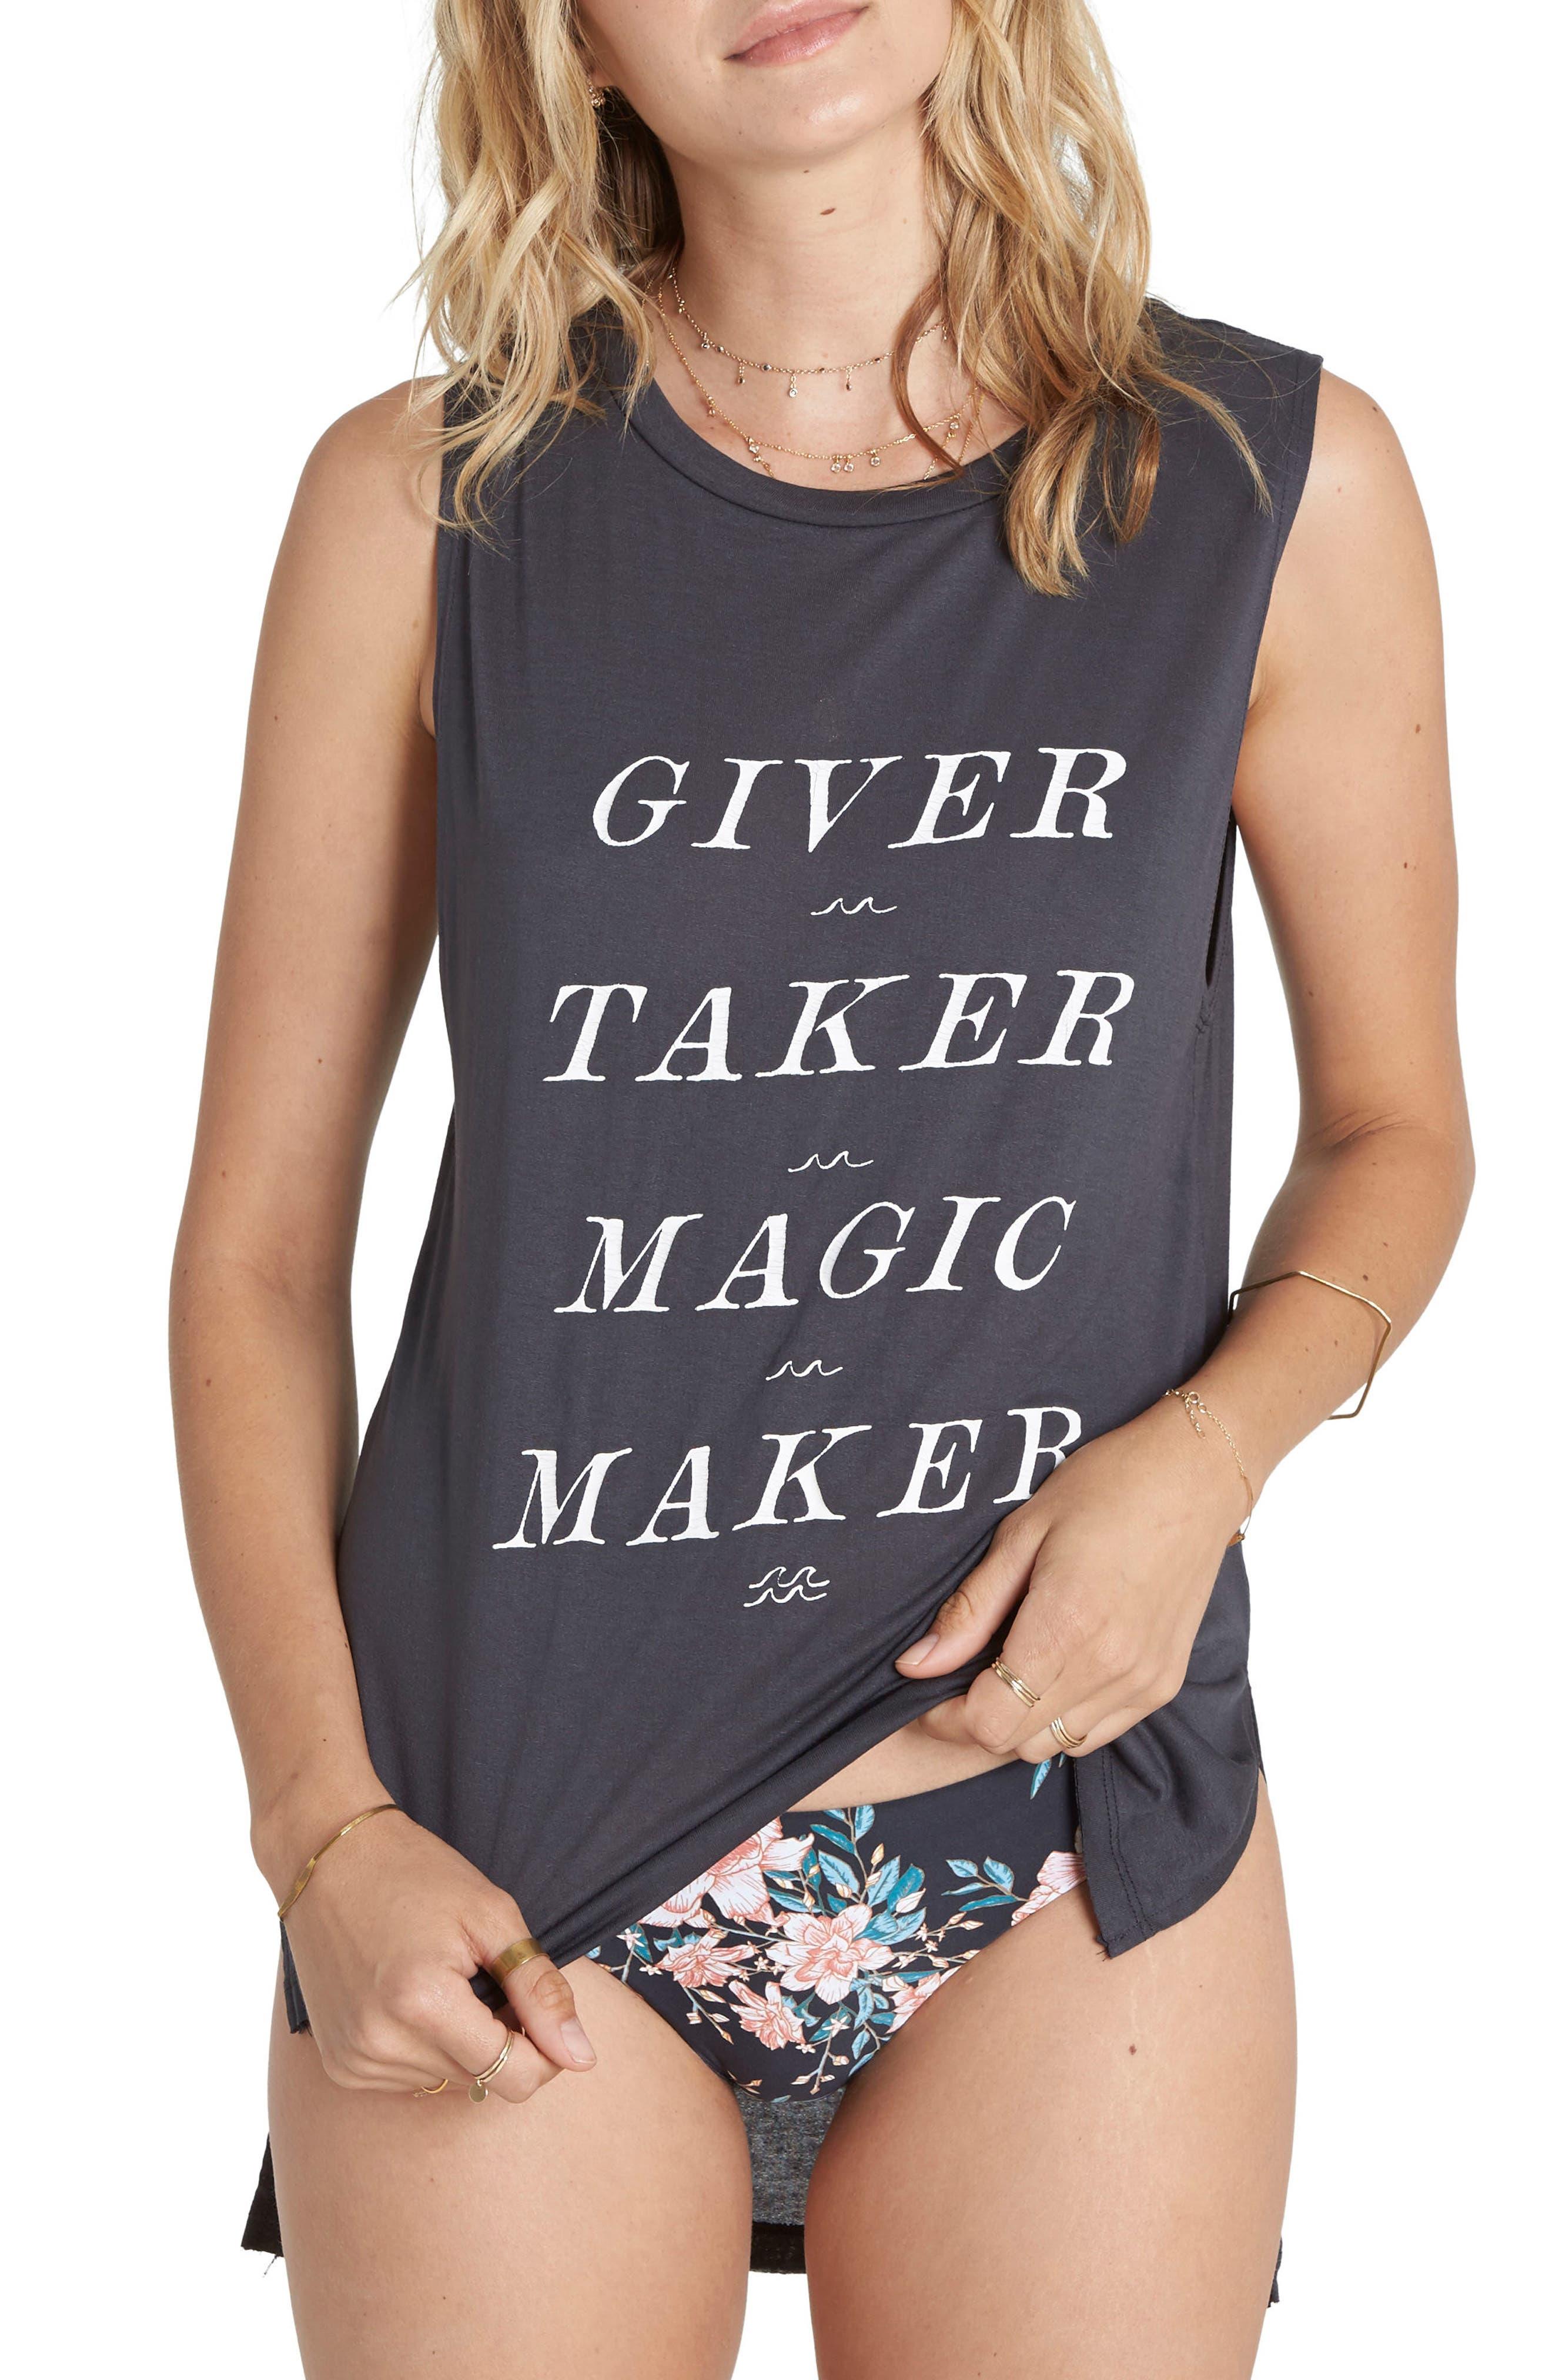 Billabong Giver Taker Magic Maker Graphic Tank